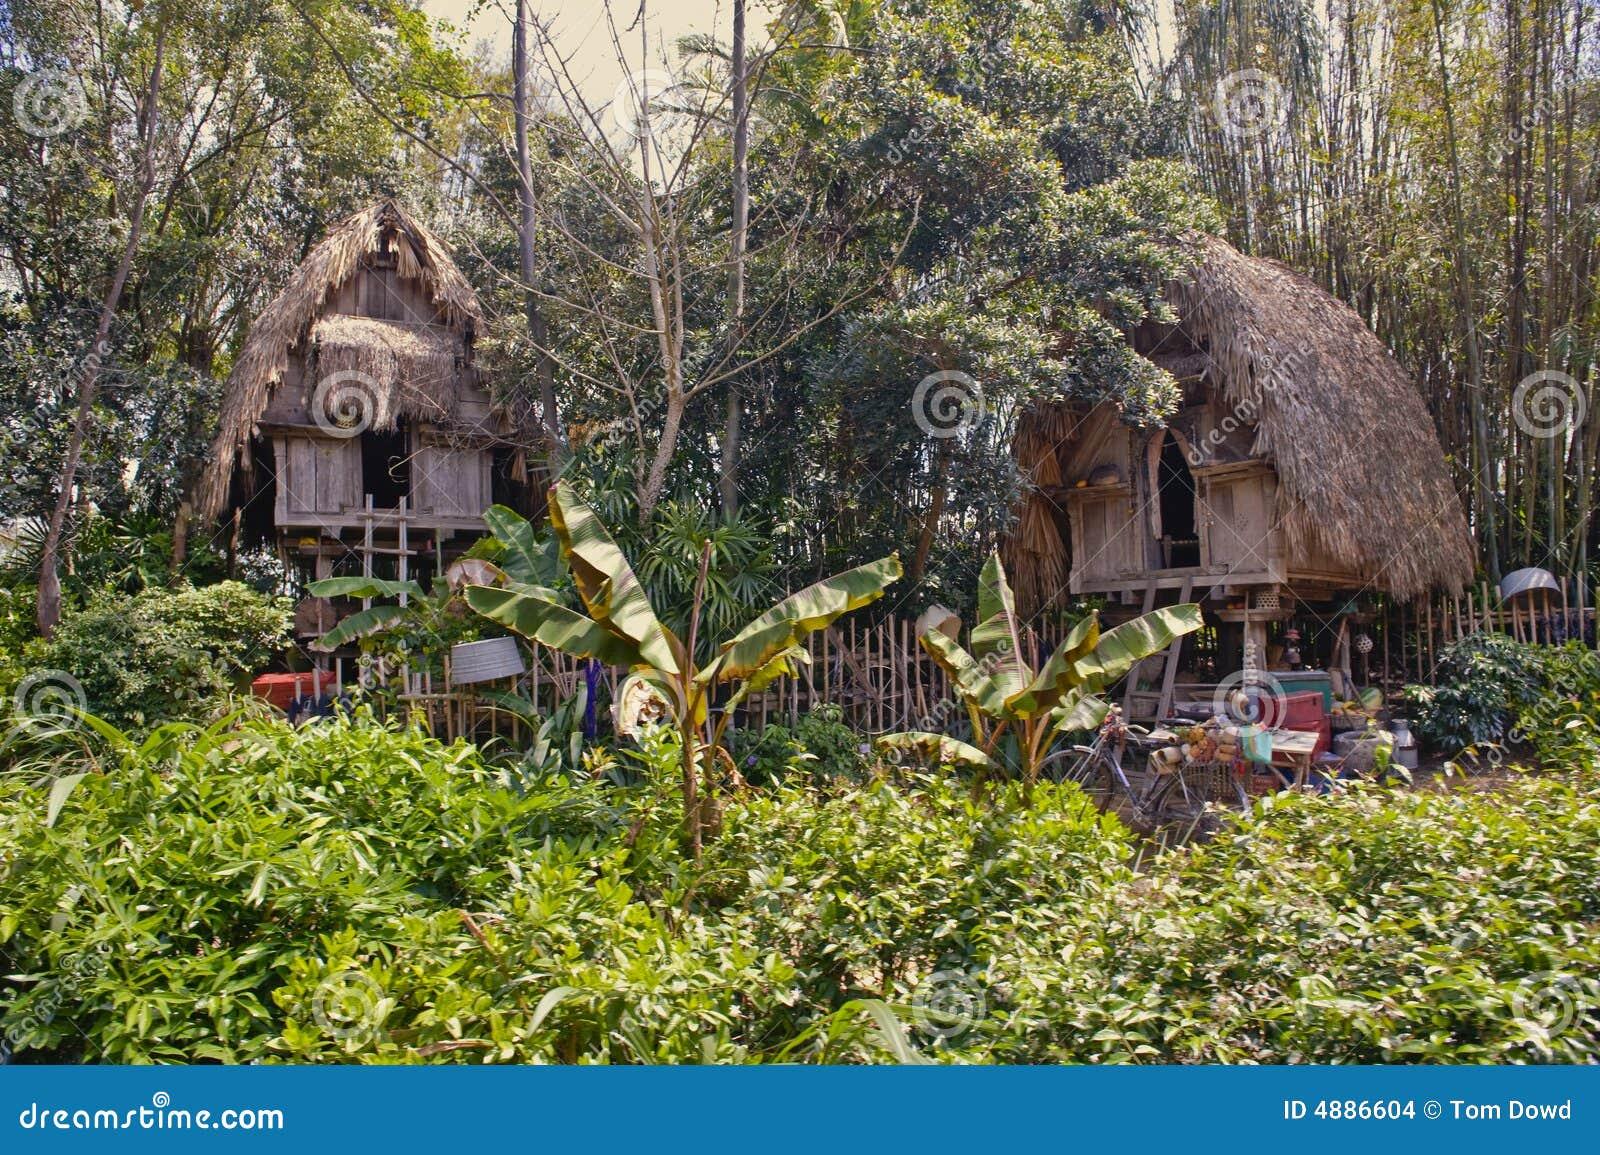 Jungle huts